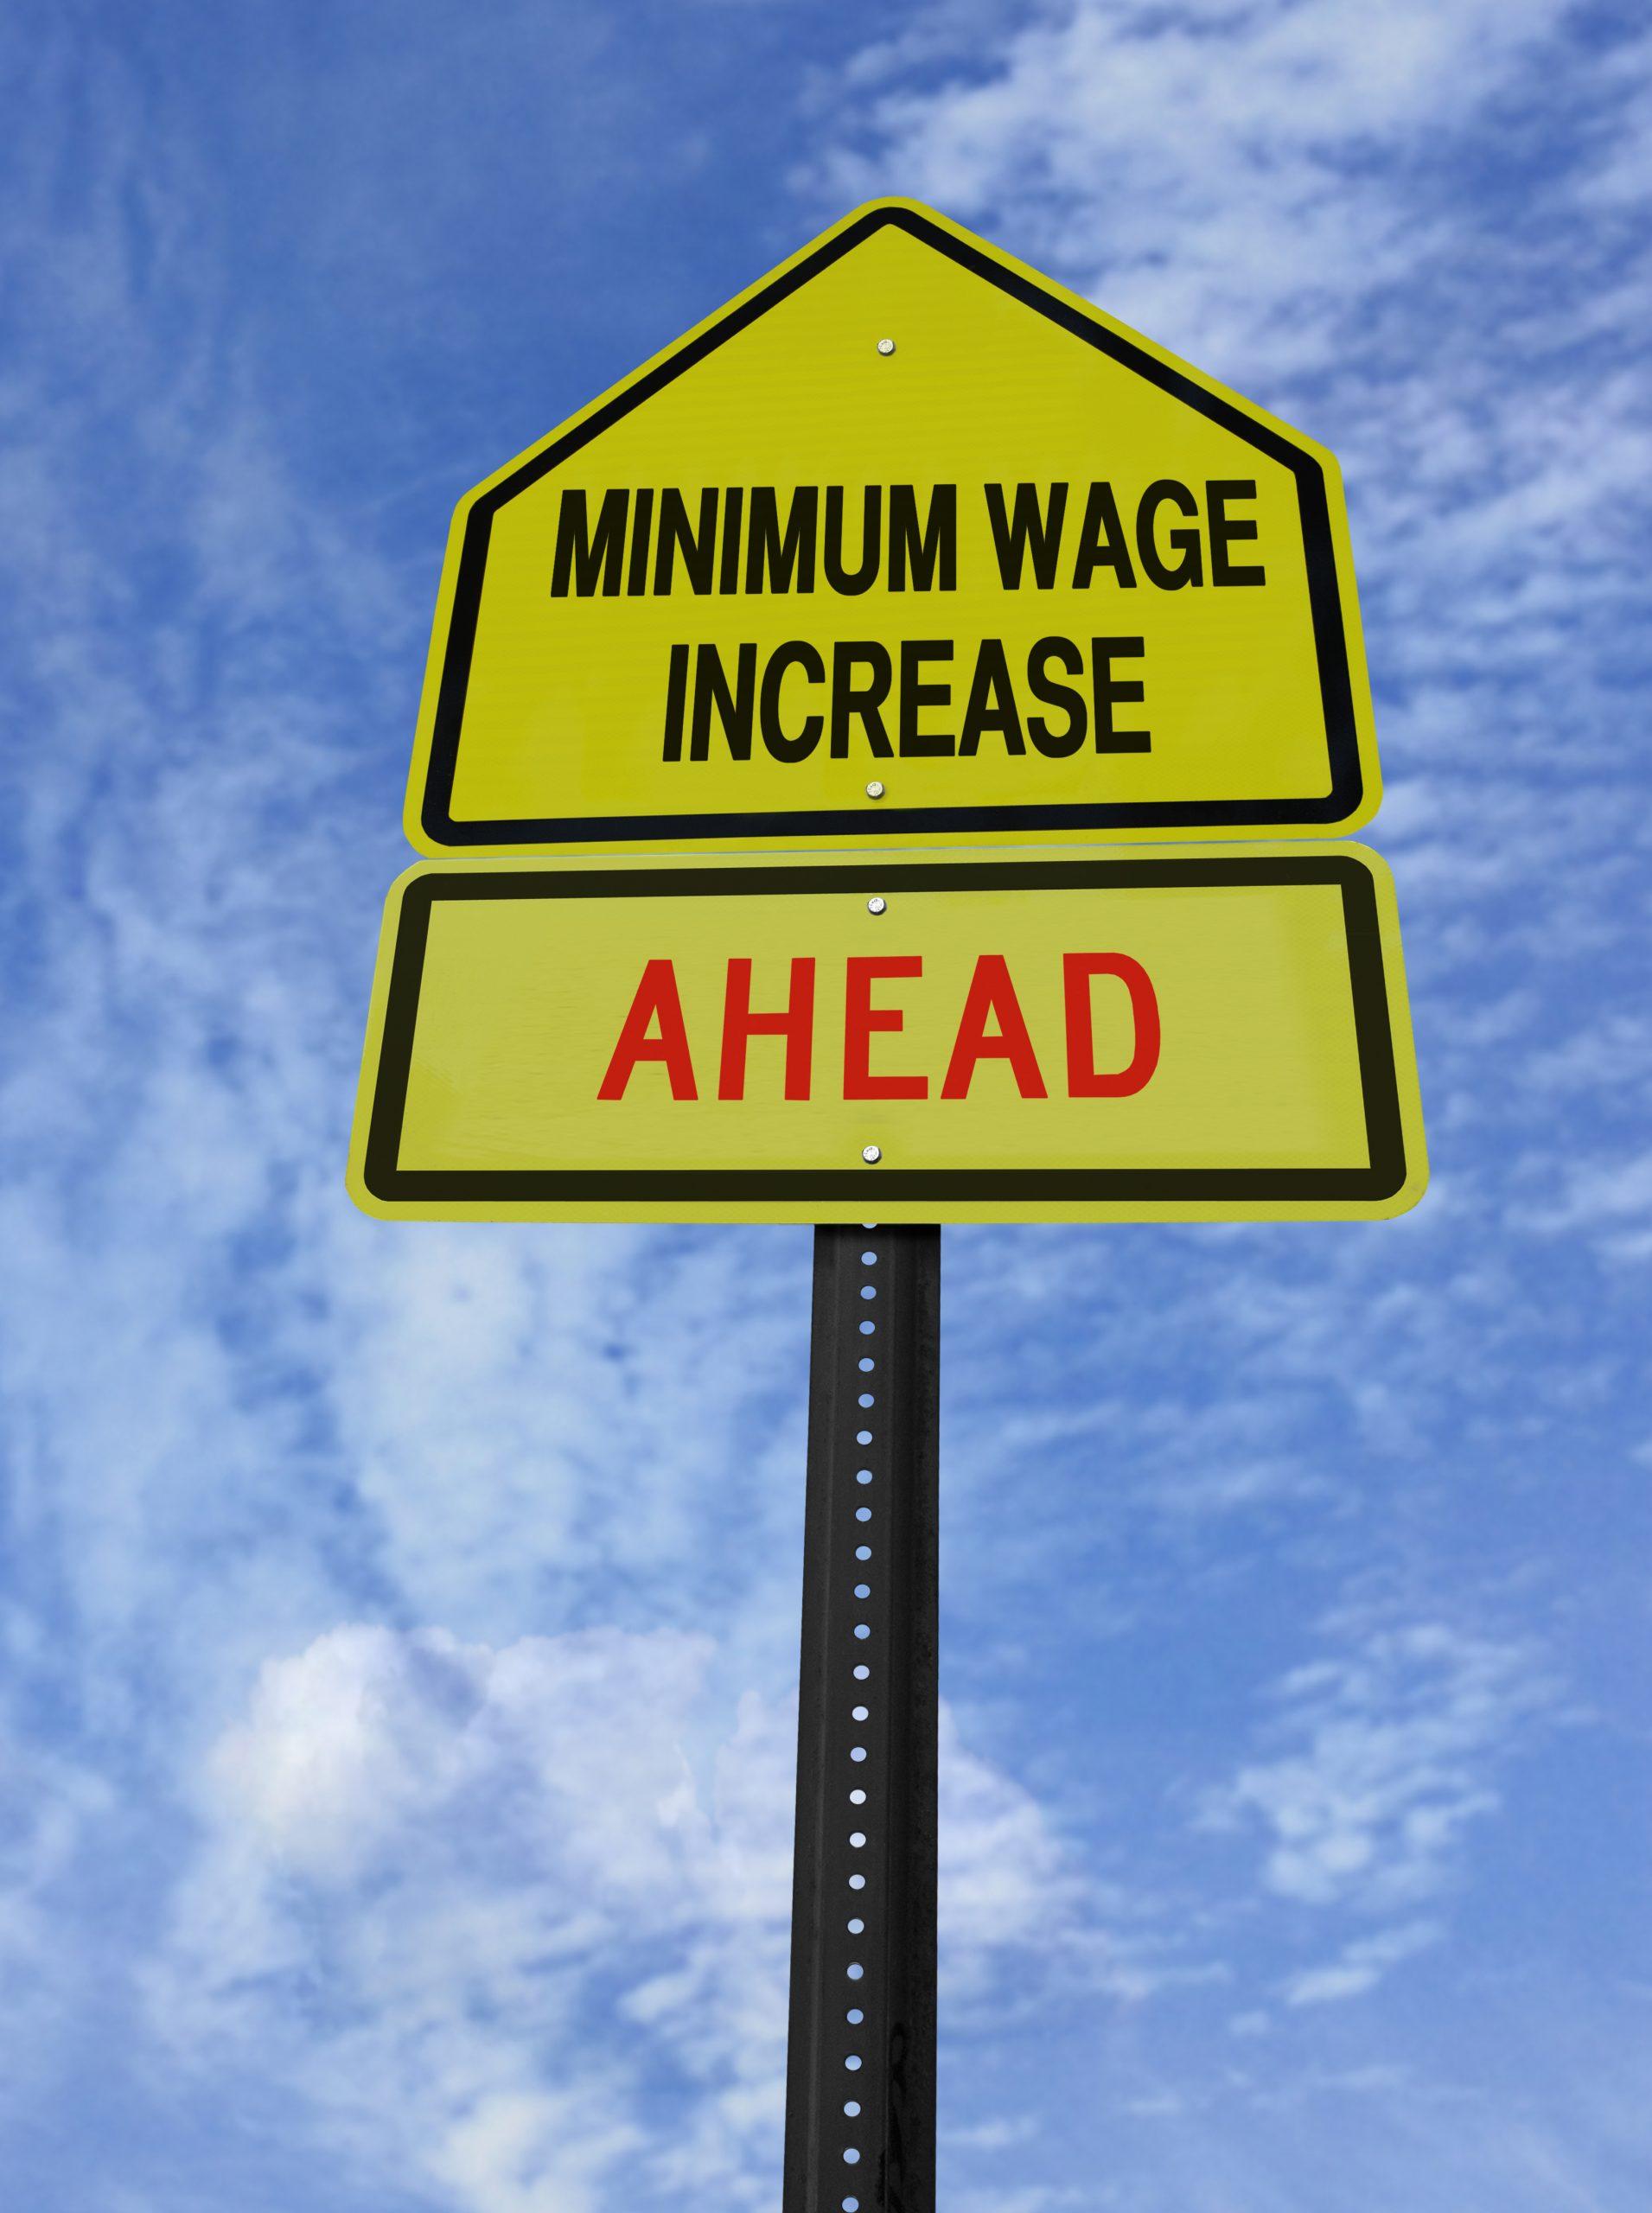 September 16 – Florida's Minimum Wage Increase